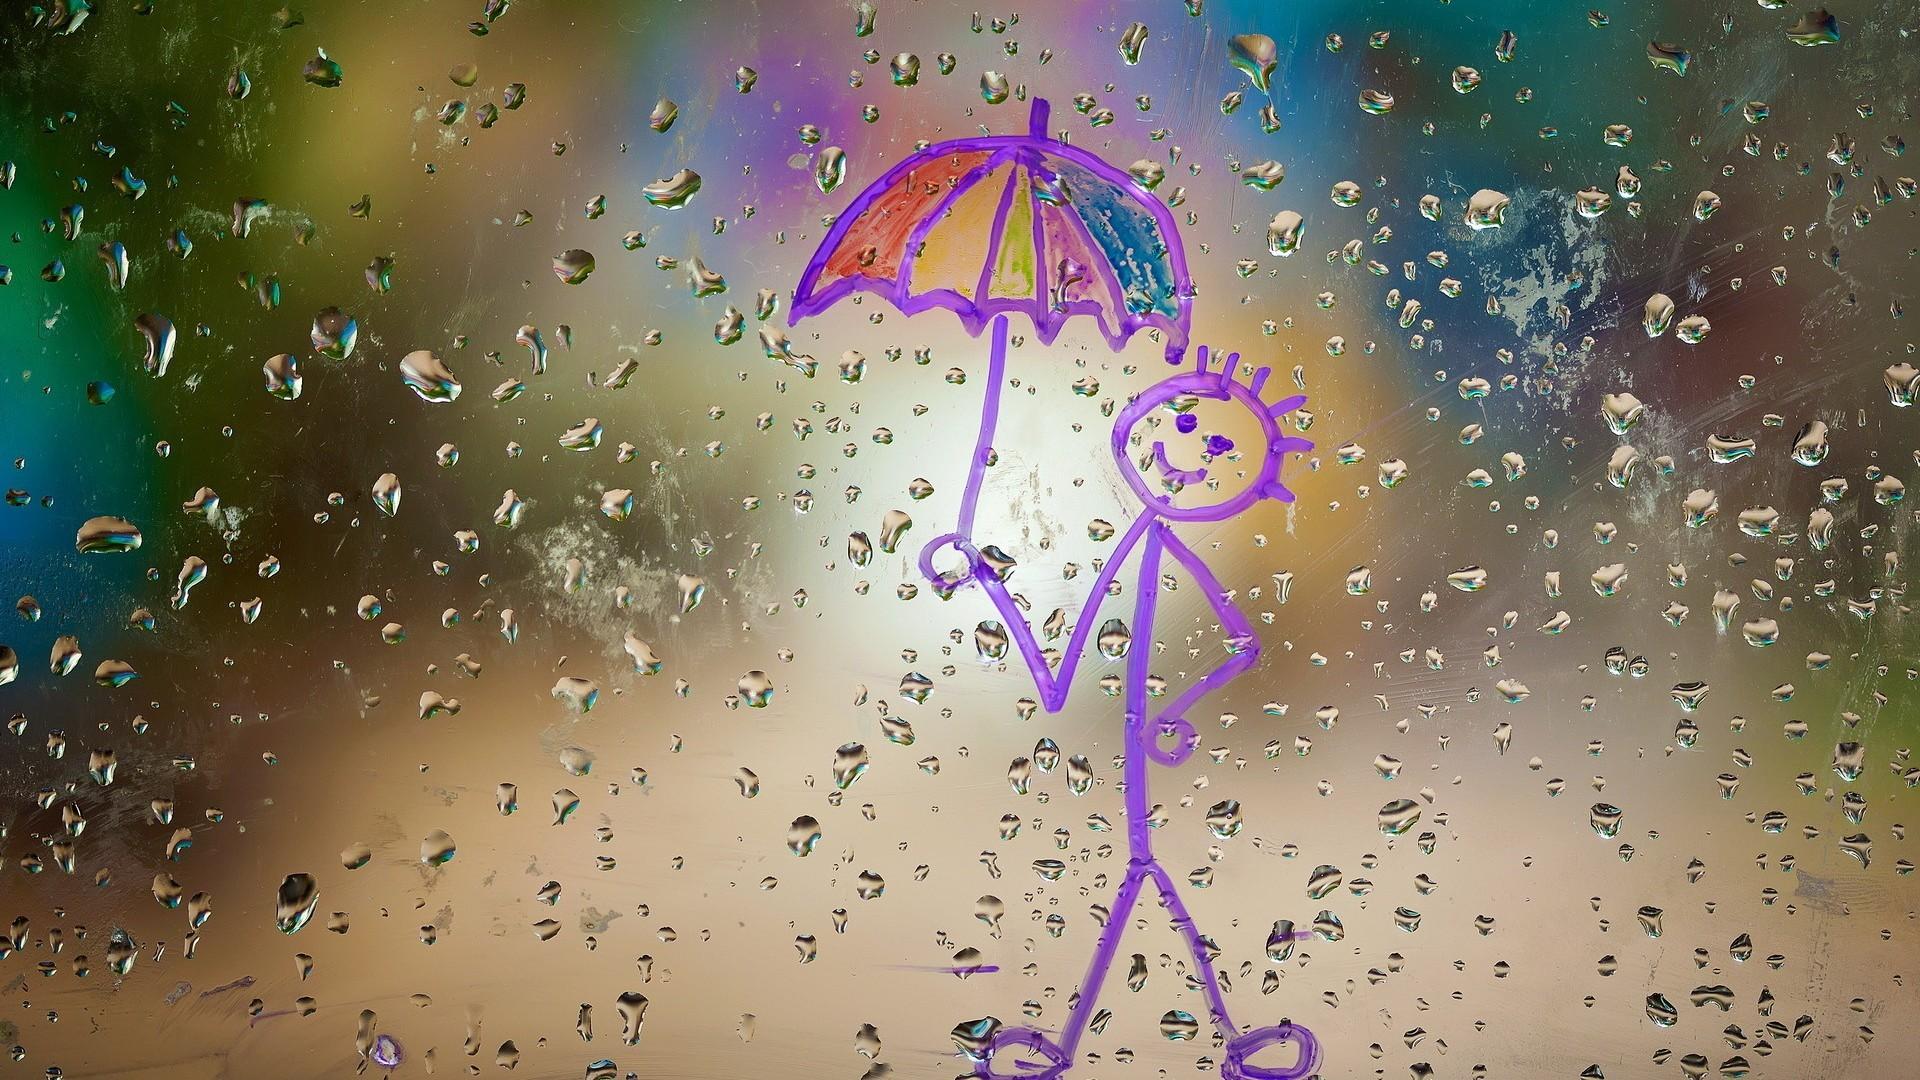 мокрый зонт обои на рабочий стол горными тропами